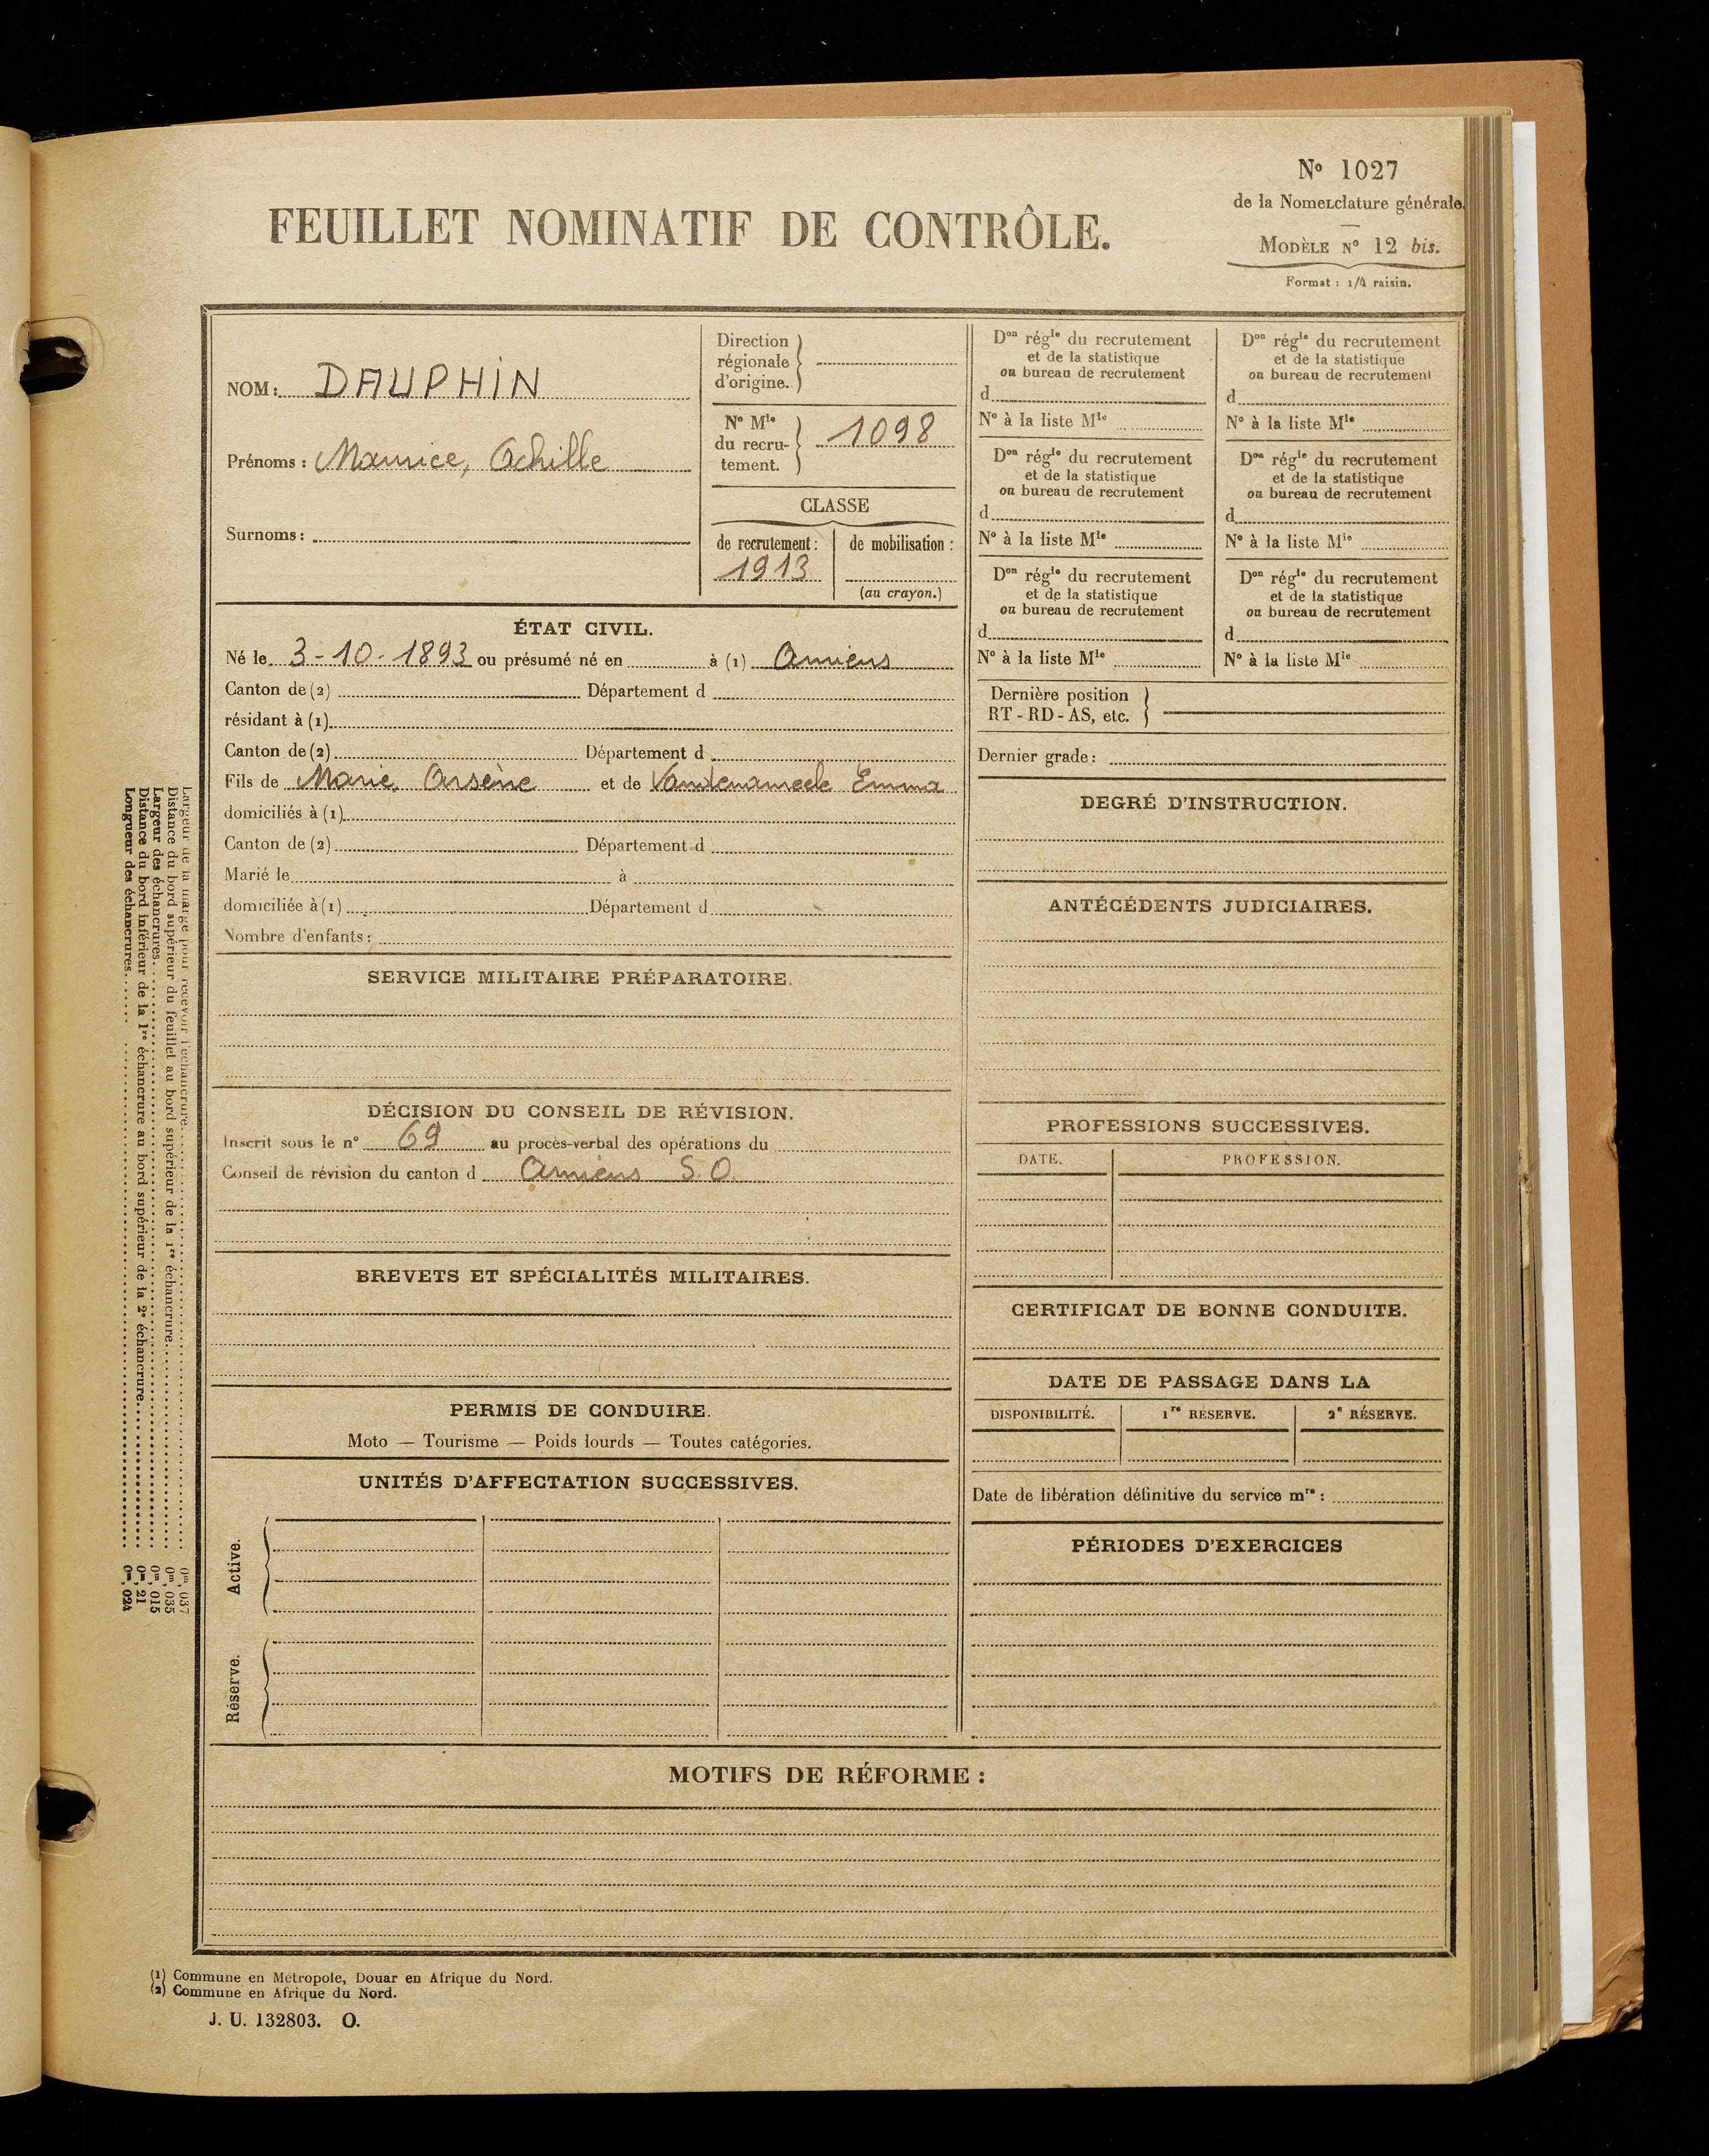 Dauphin, Maurice Achille, né le 03 octobre 1893 à Amiens (Somme), classe 1913, matricule n° 1098, Bureau de recrutement d'Amiens